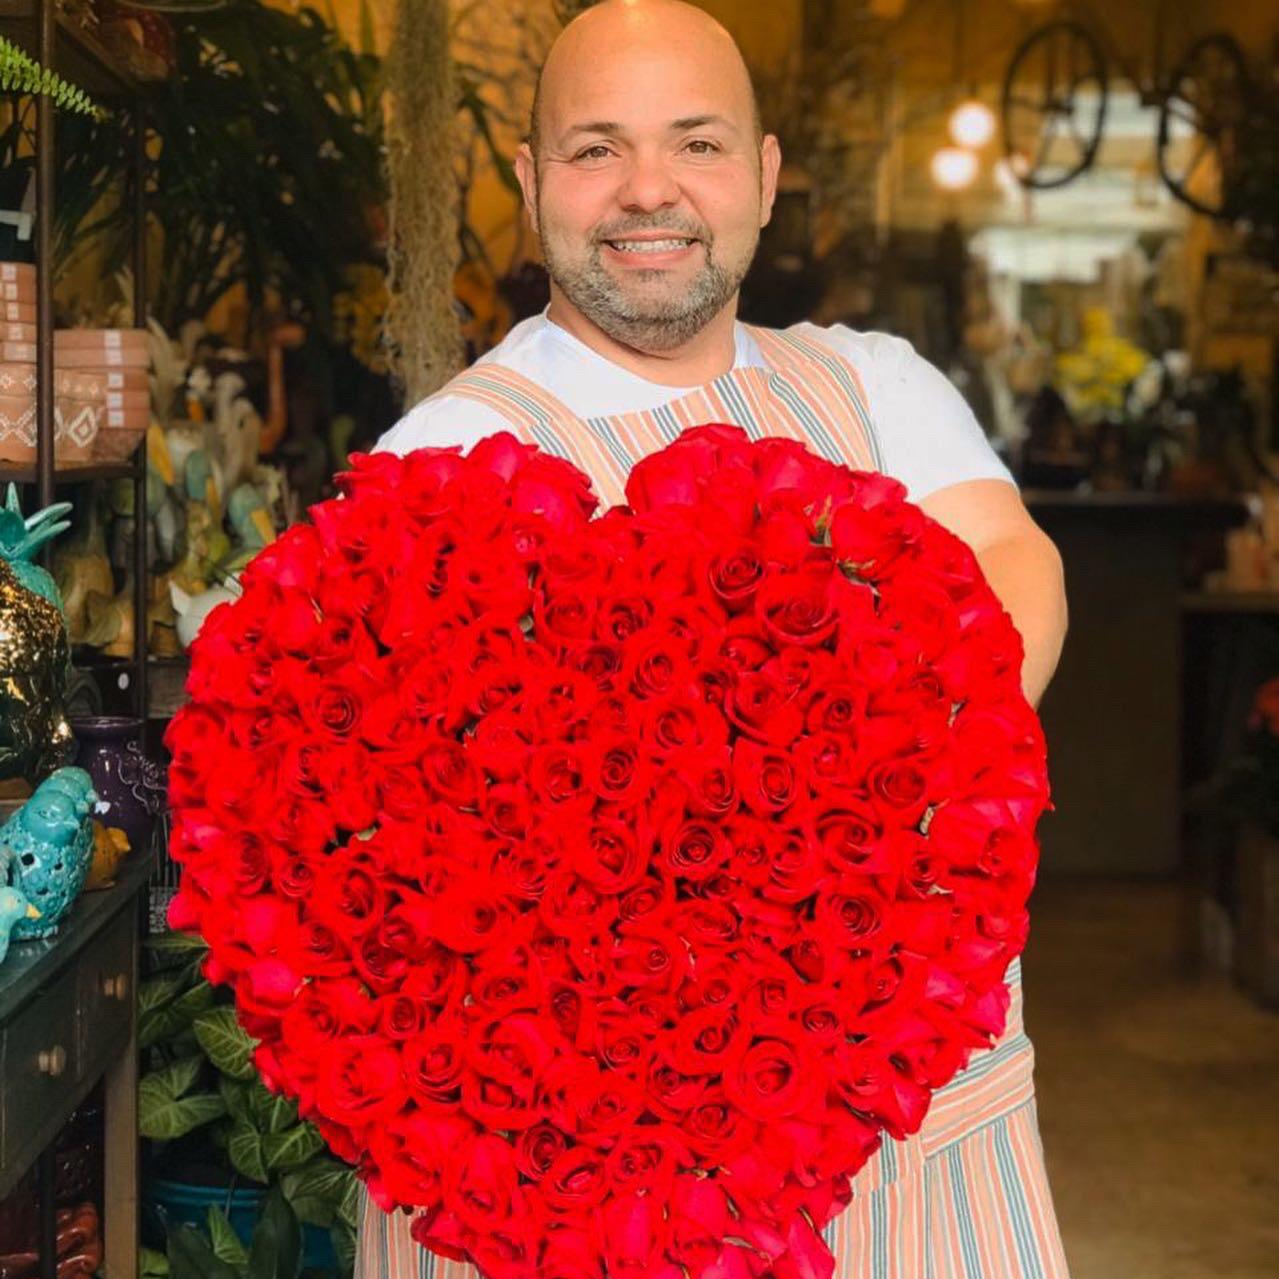 Especial dia dos Namorados - Coração gigante